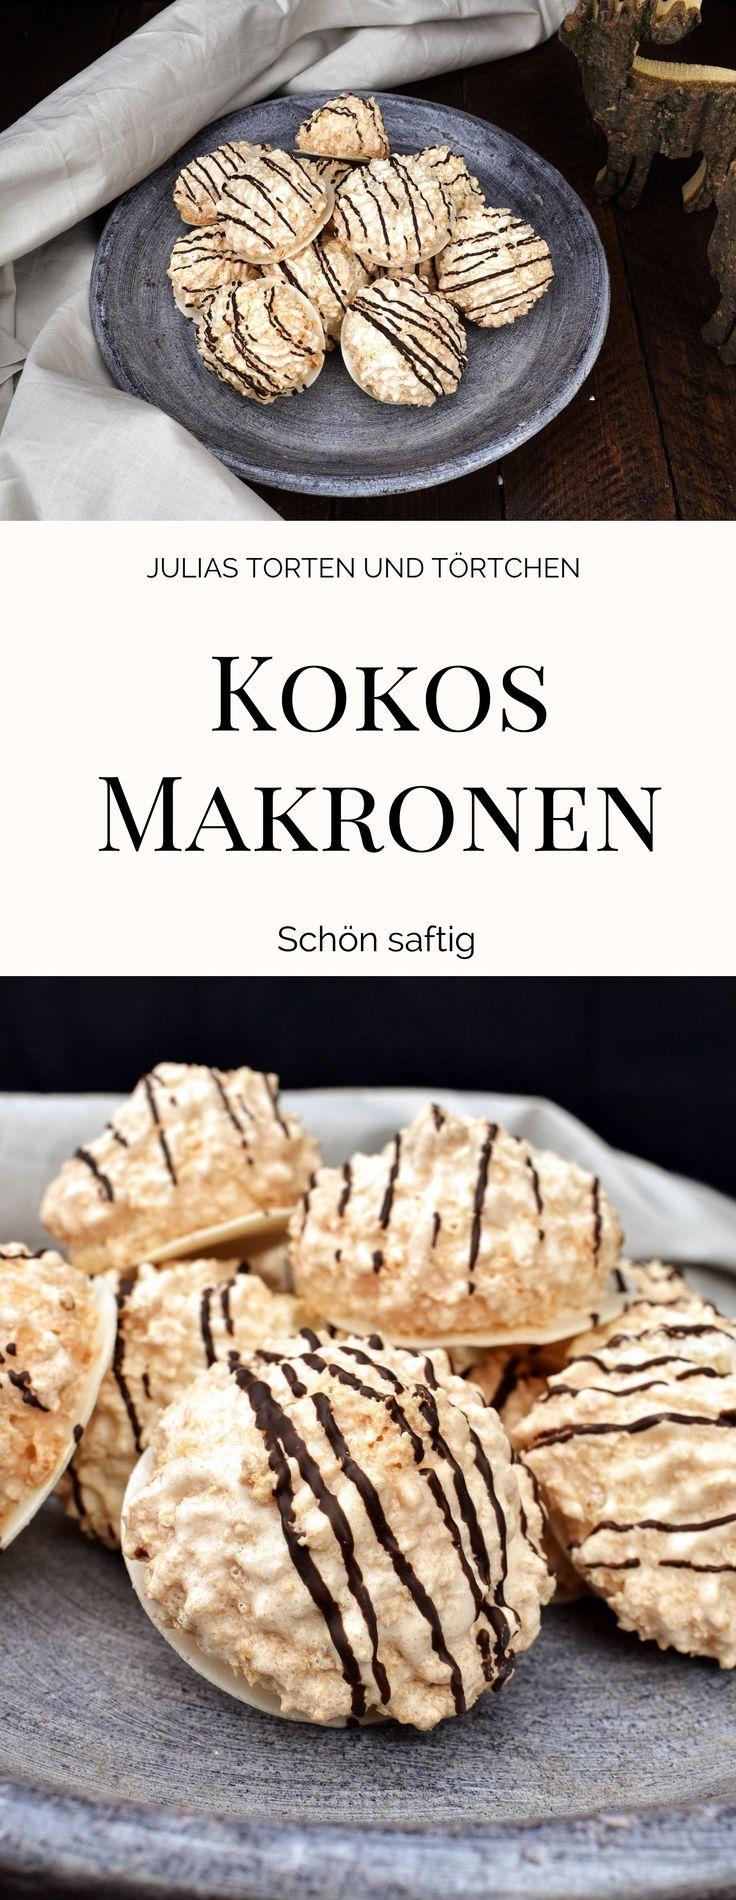 Rezept für saftige Kokosmakronen #Weihnachtsplätzchen #Plätzchen #Kokosmakronen